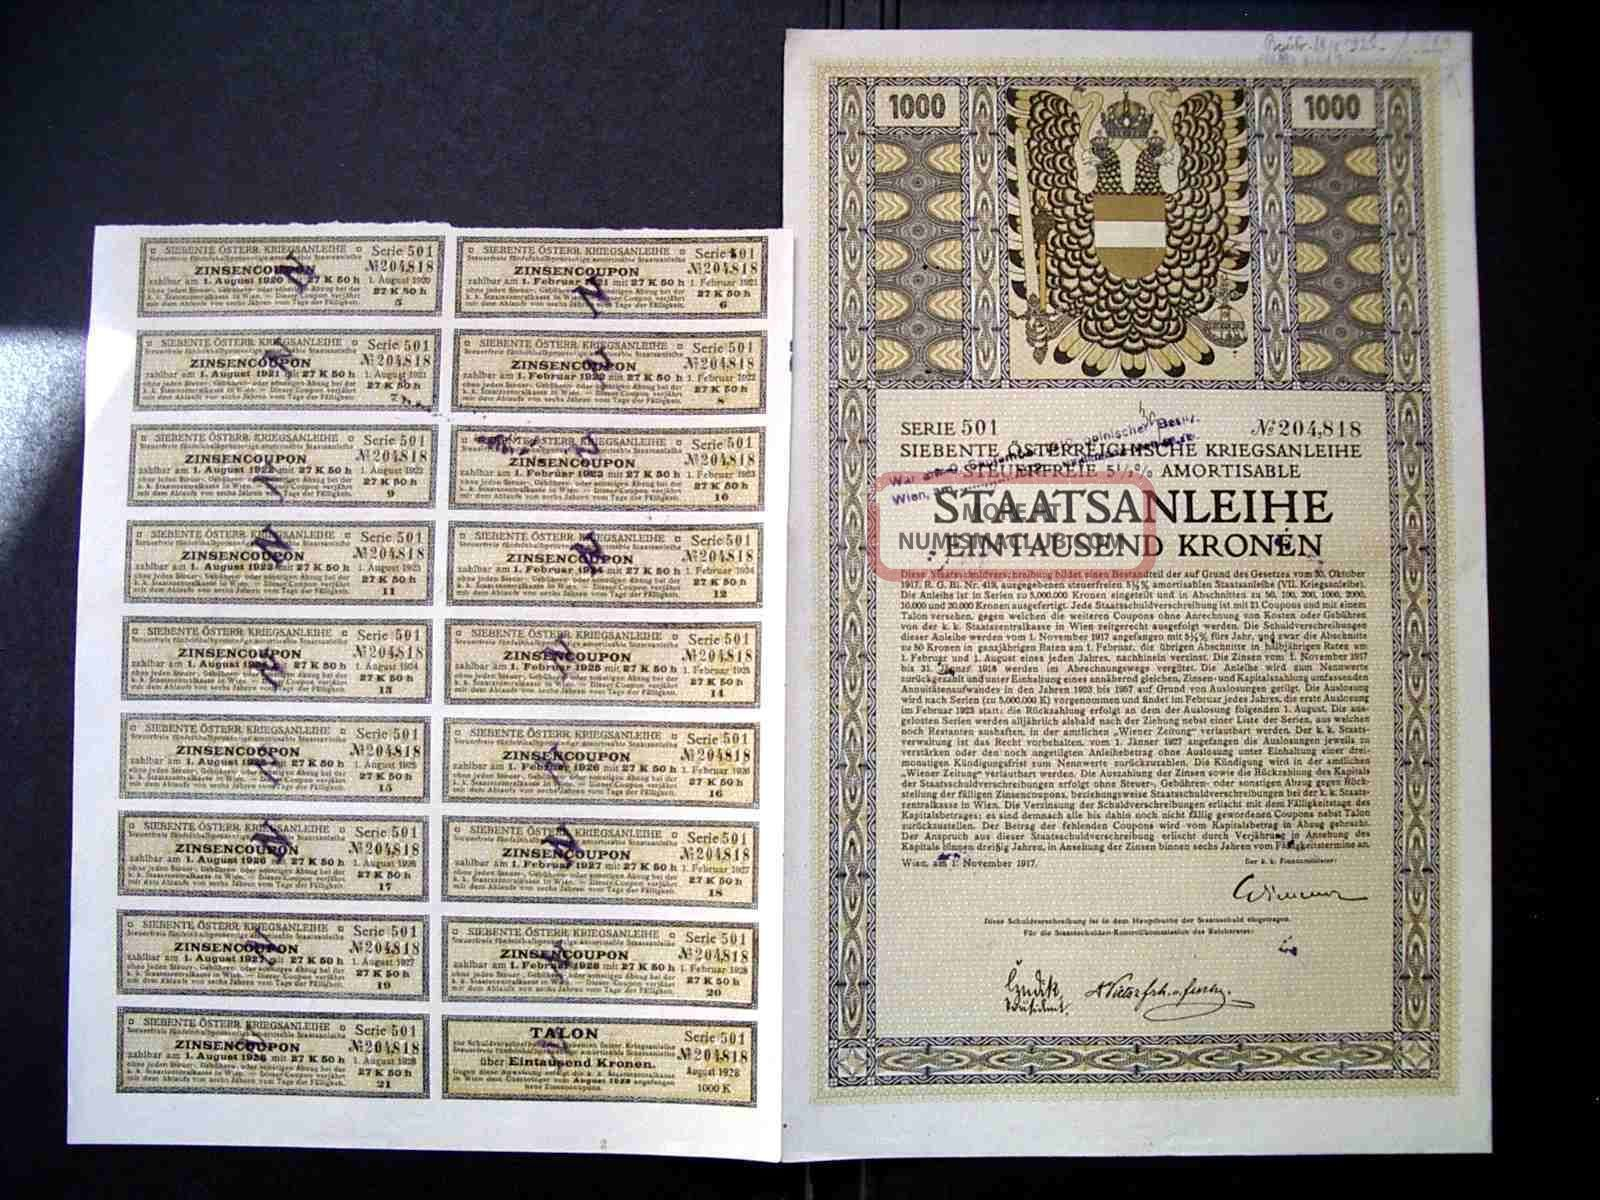 Austria Austrian 1917 Wien Staatsanleihe 1000 Kronen Bond Loan Stock Unc World photo